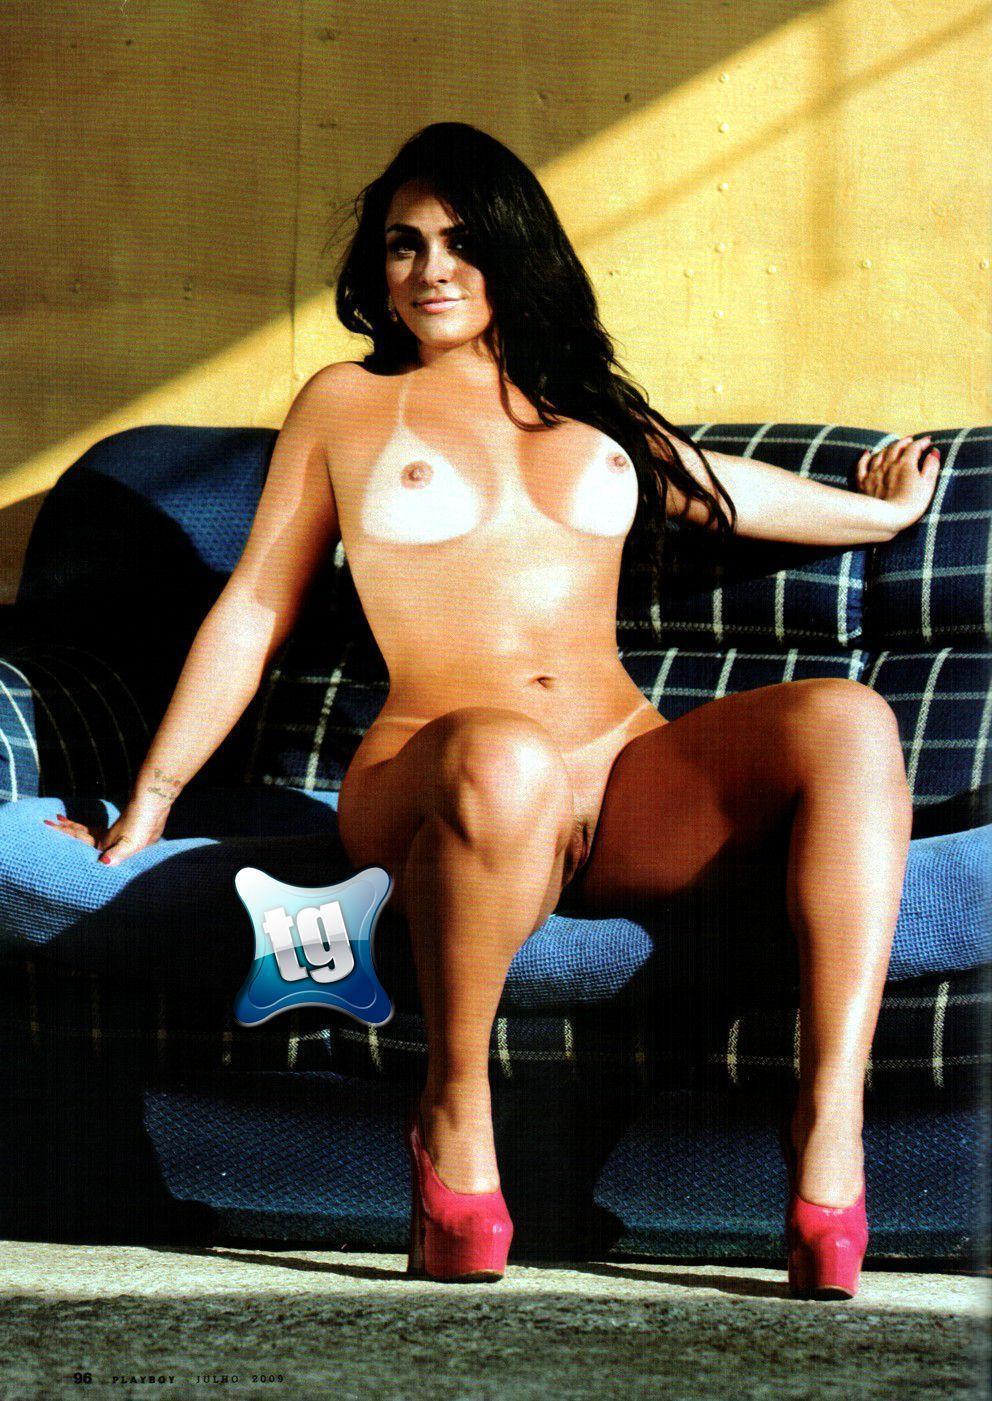 Andressa Soares Fotos Playboy andressa soares nude playboy - adult gallery.